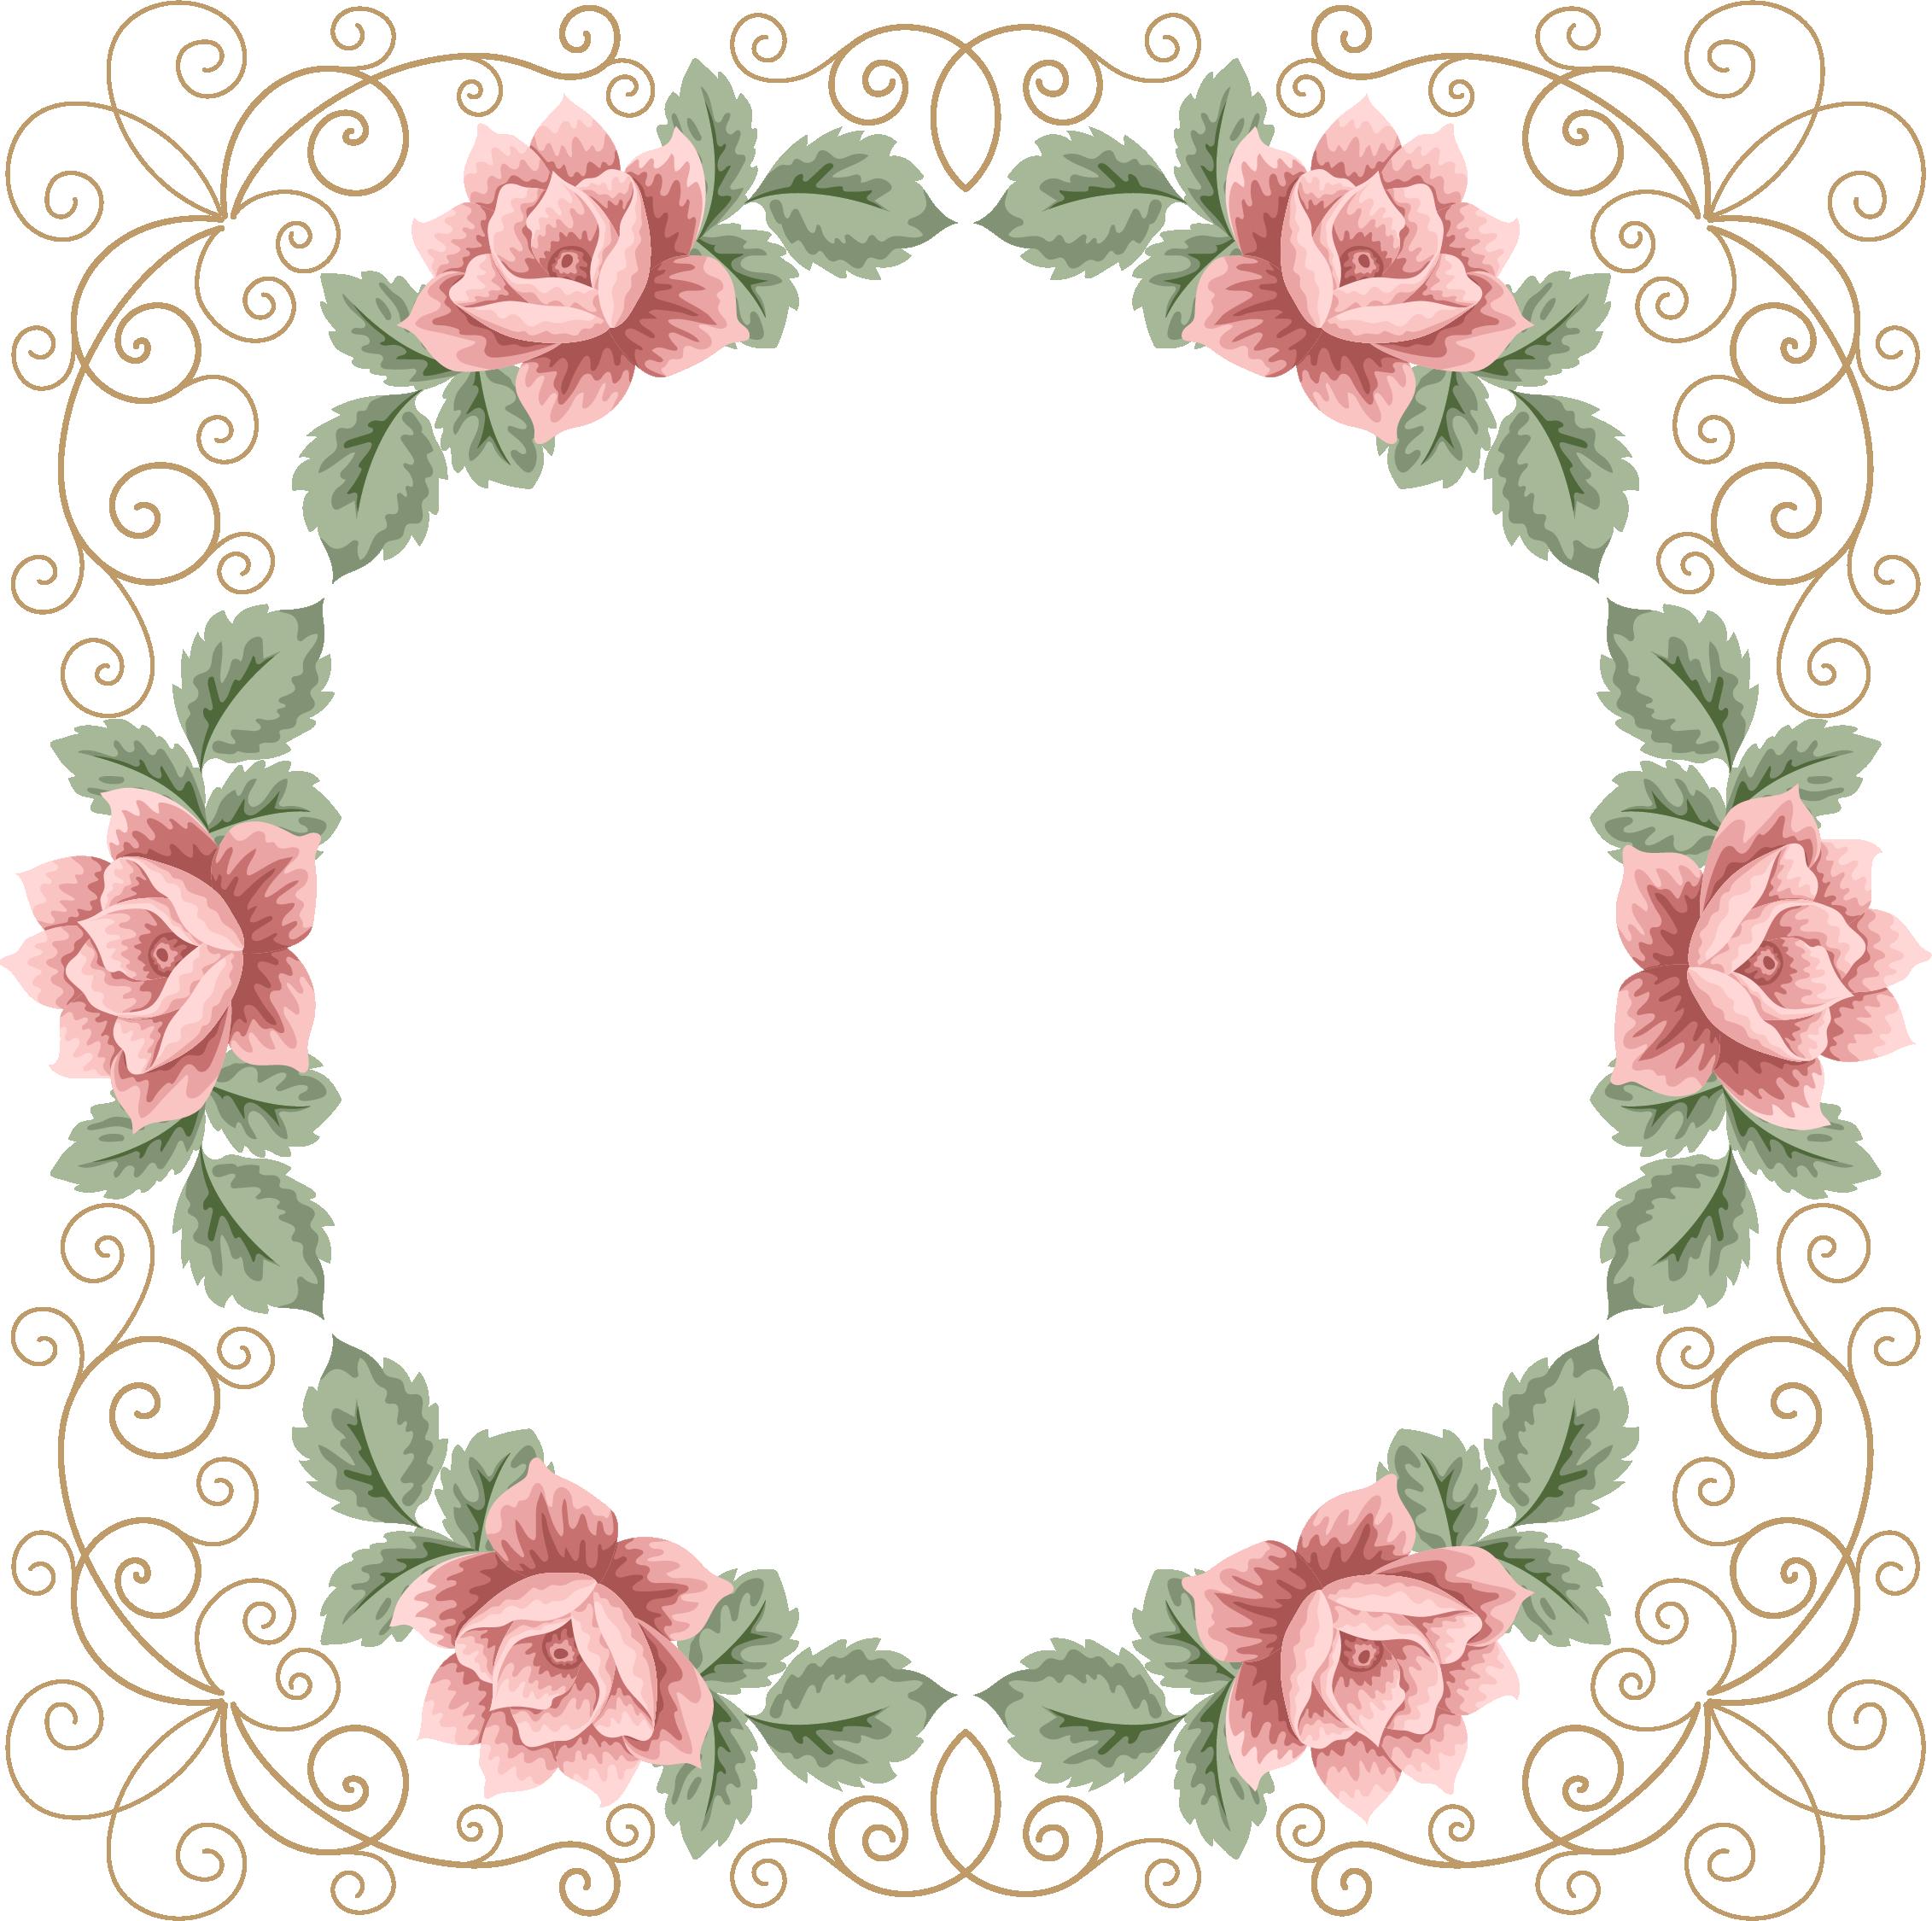 Freedesignfile.com / Floral Frame